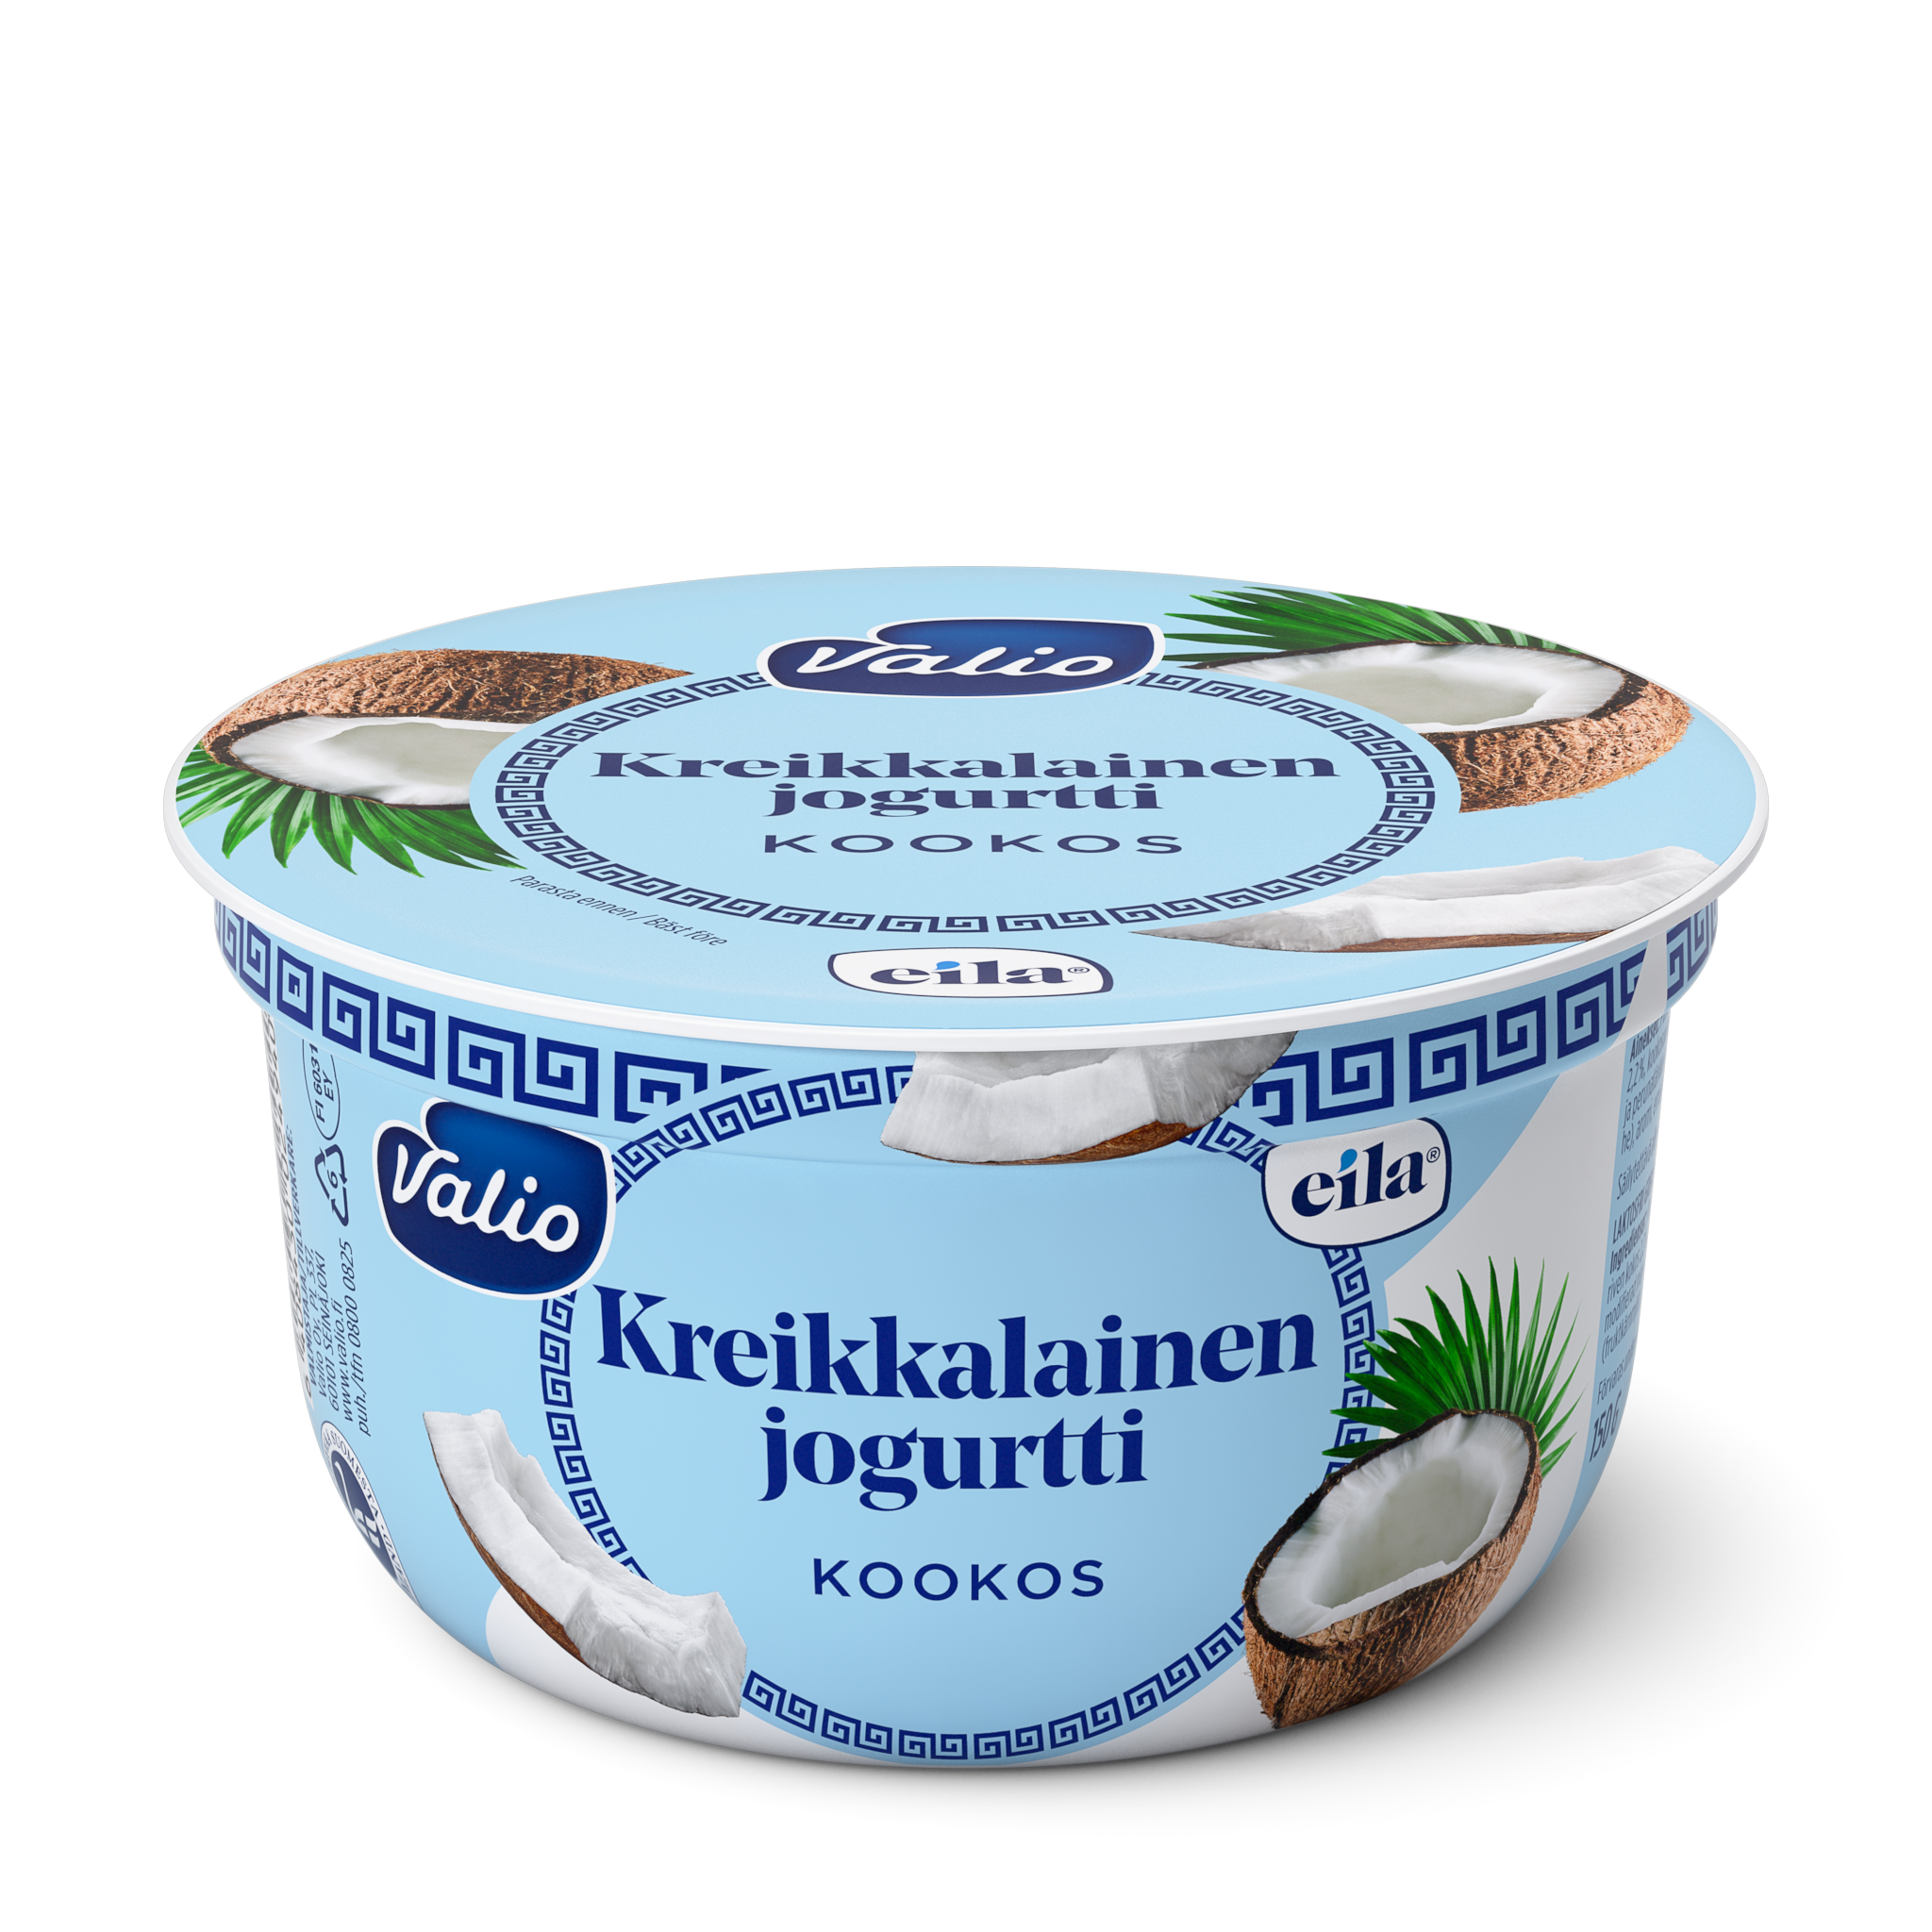 Valio kreikkalainen jogurtti kookos laktoositon